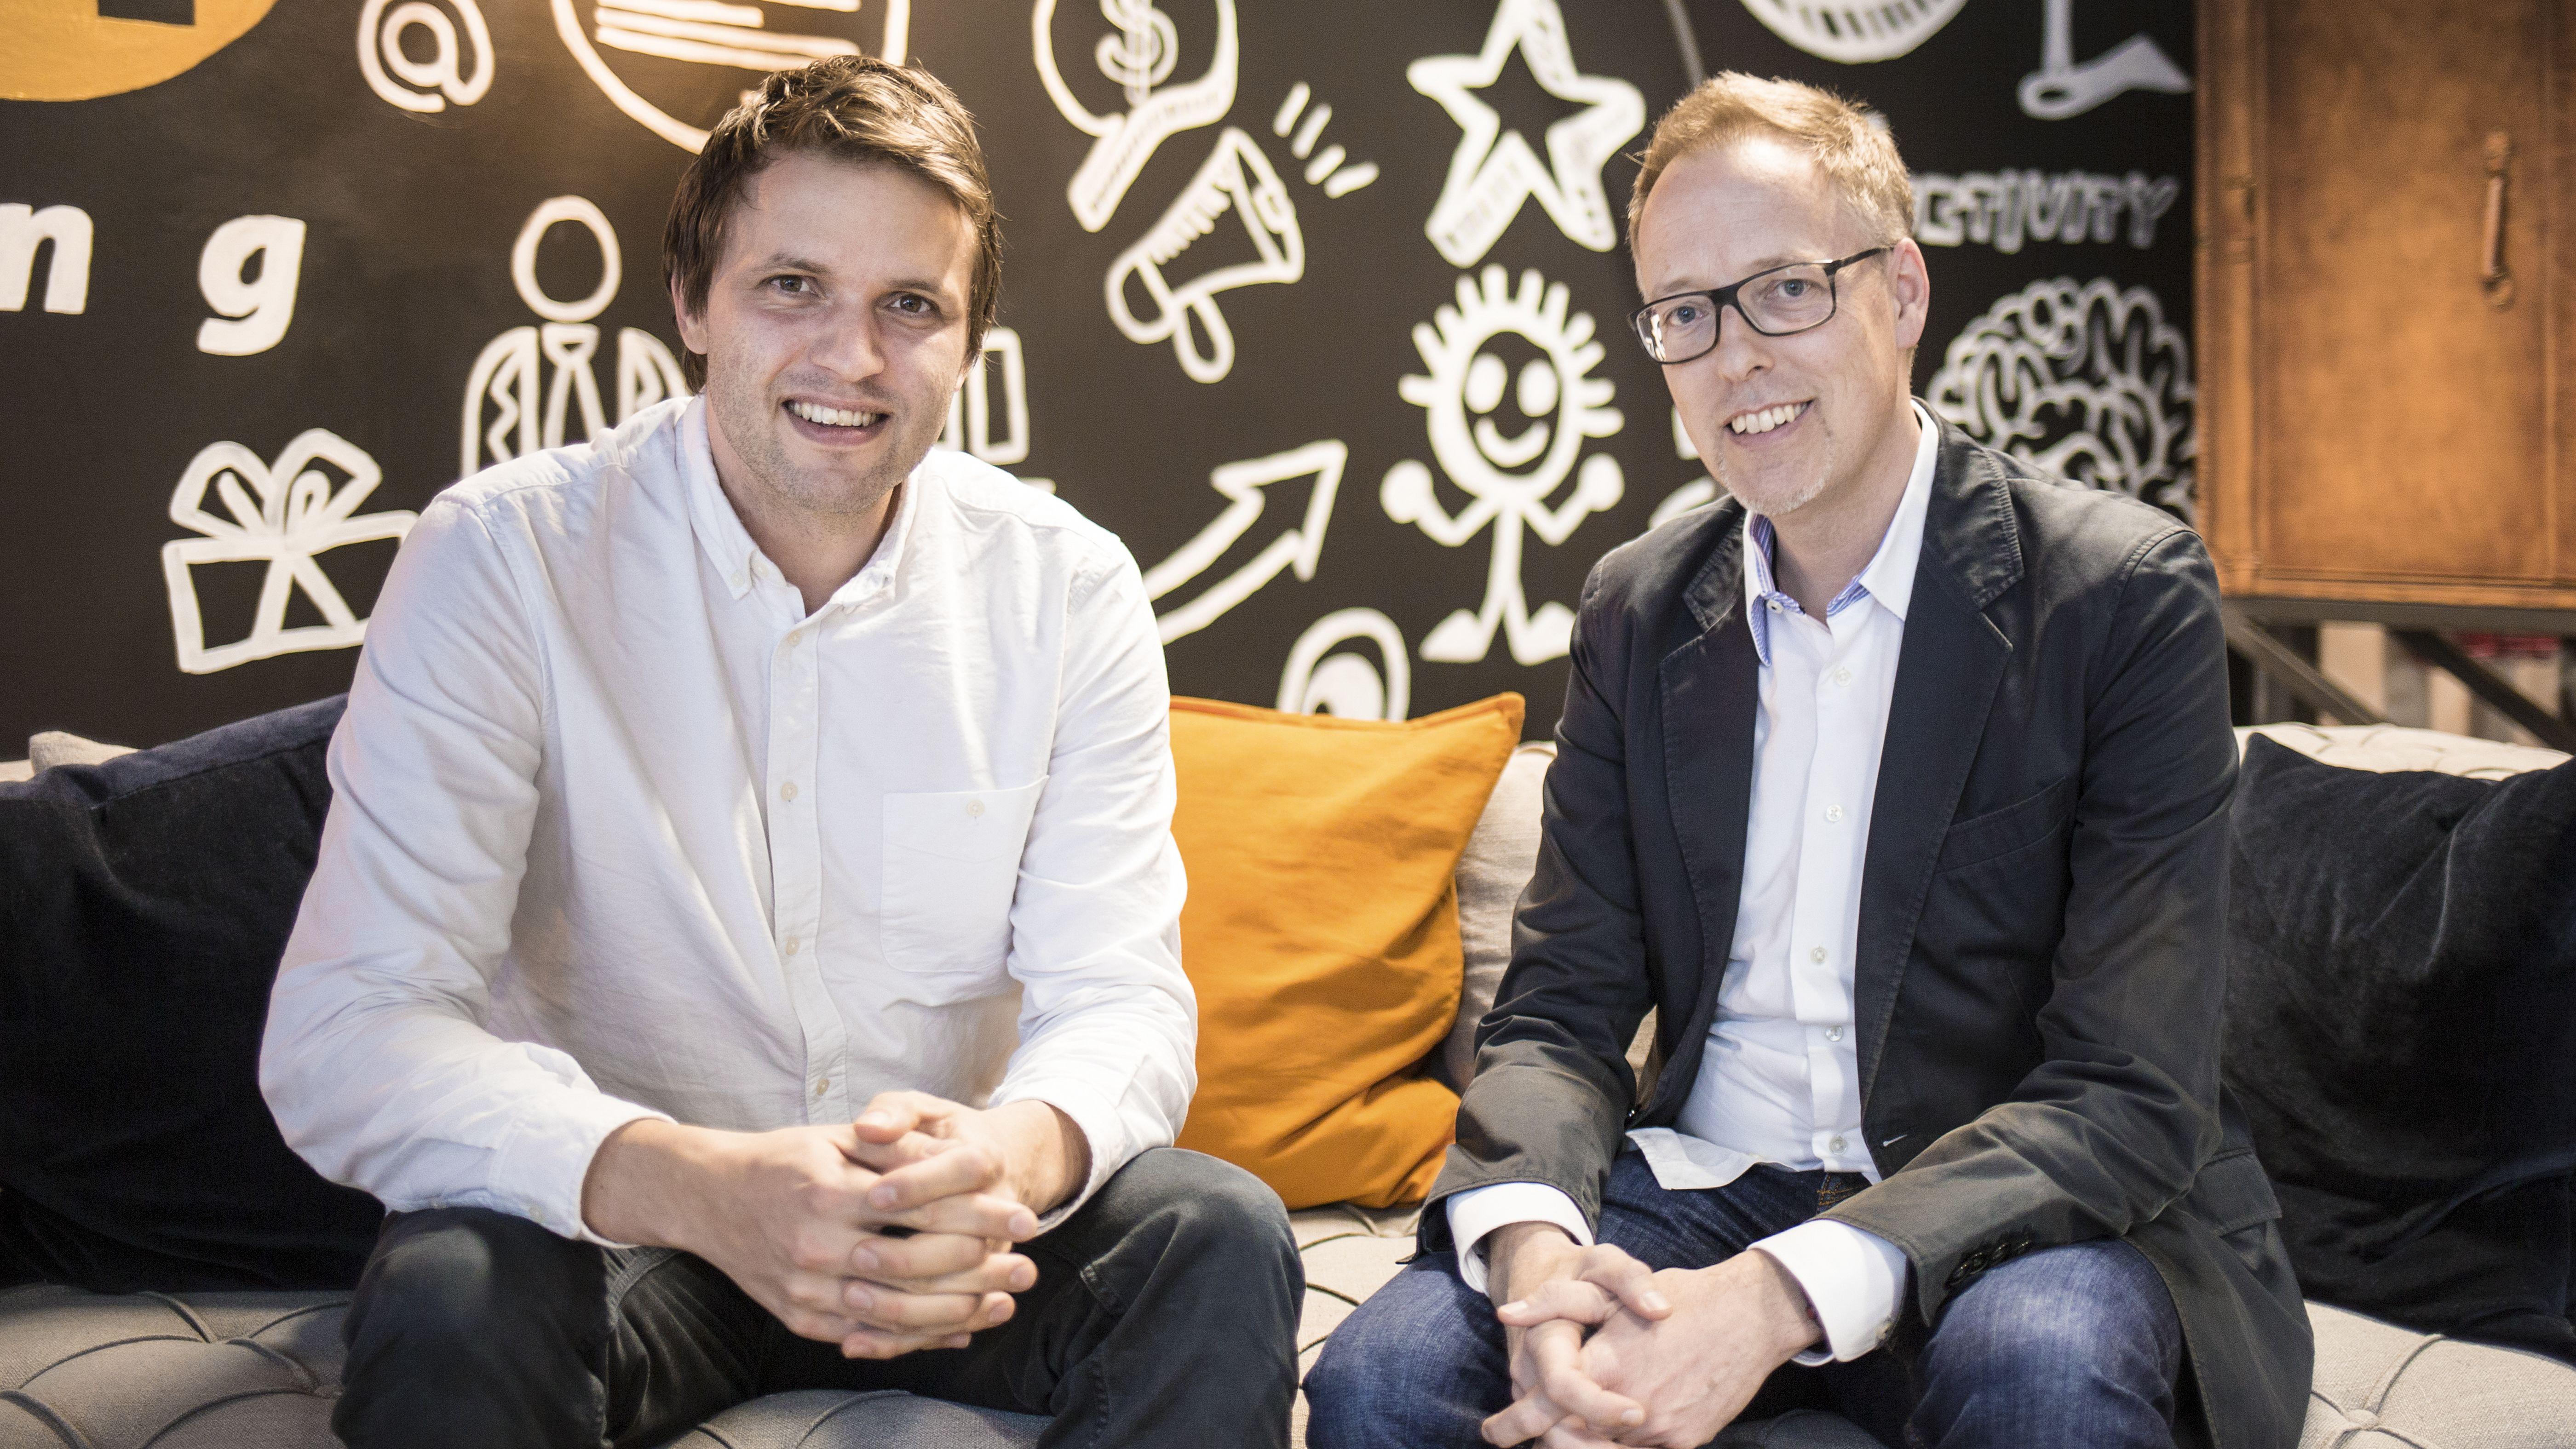 Agentur für Appentwicklung: Nodes will im deutschen Markt angreifen